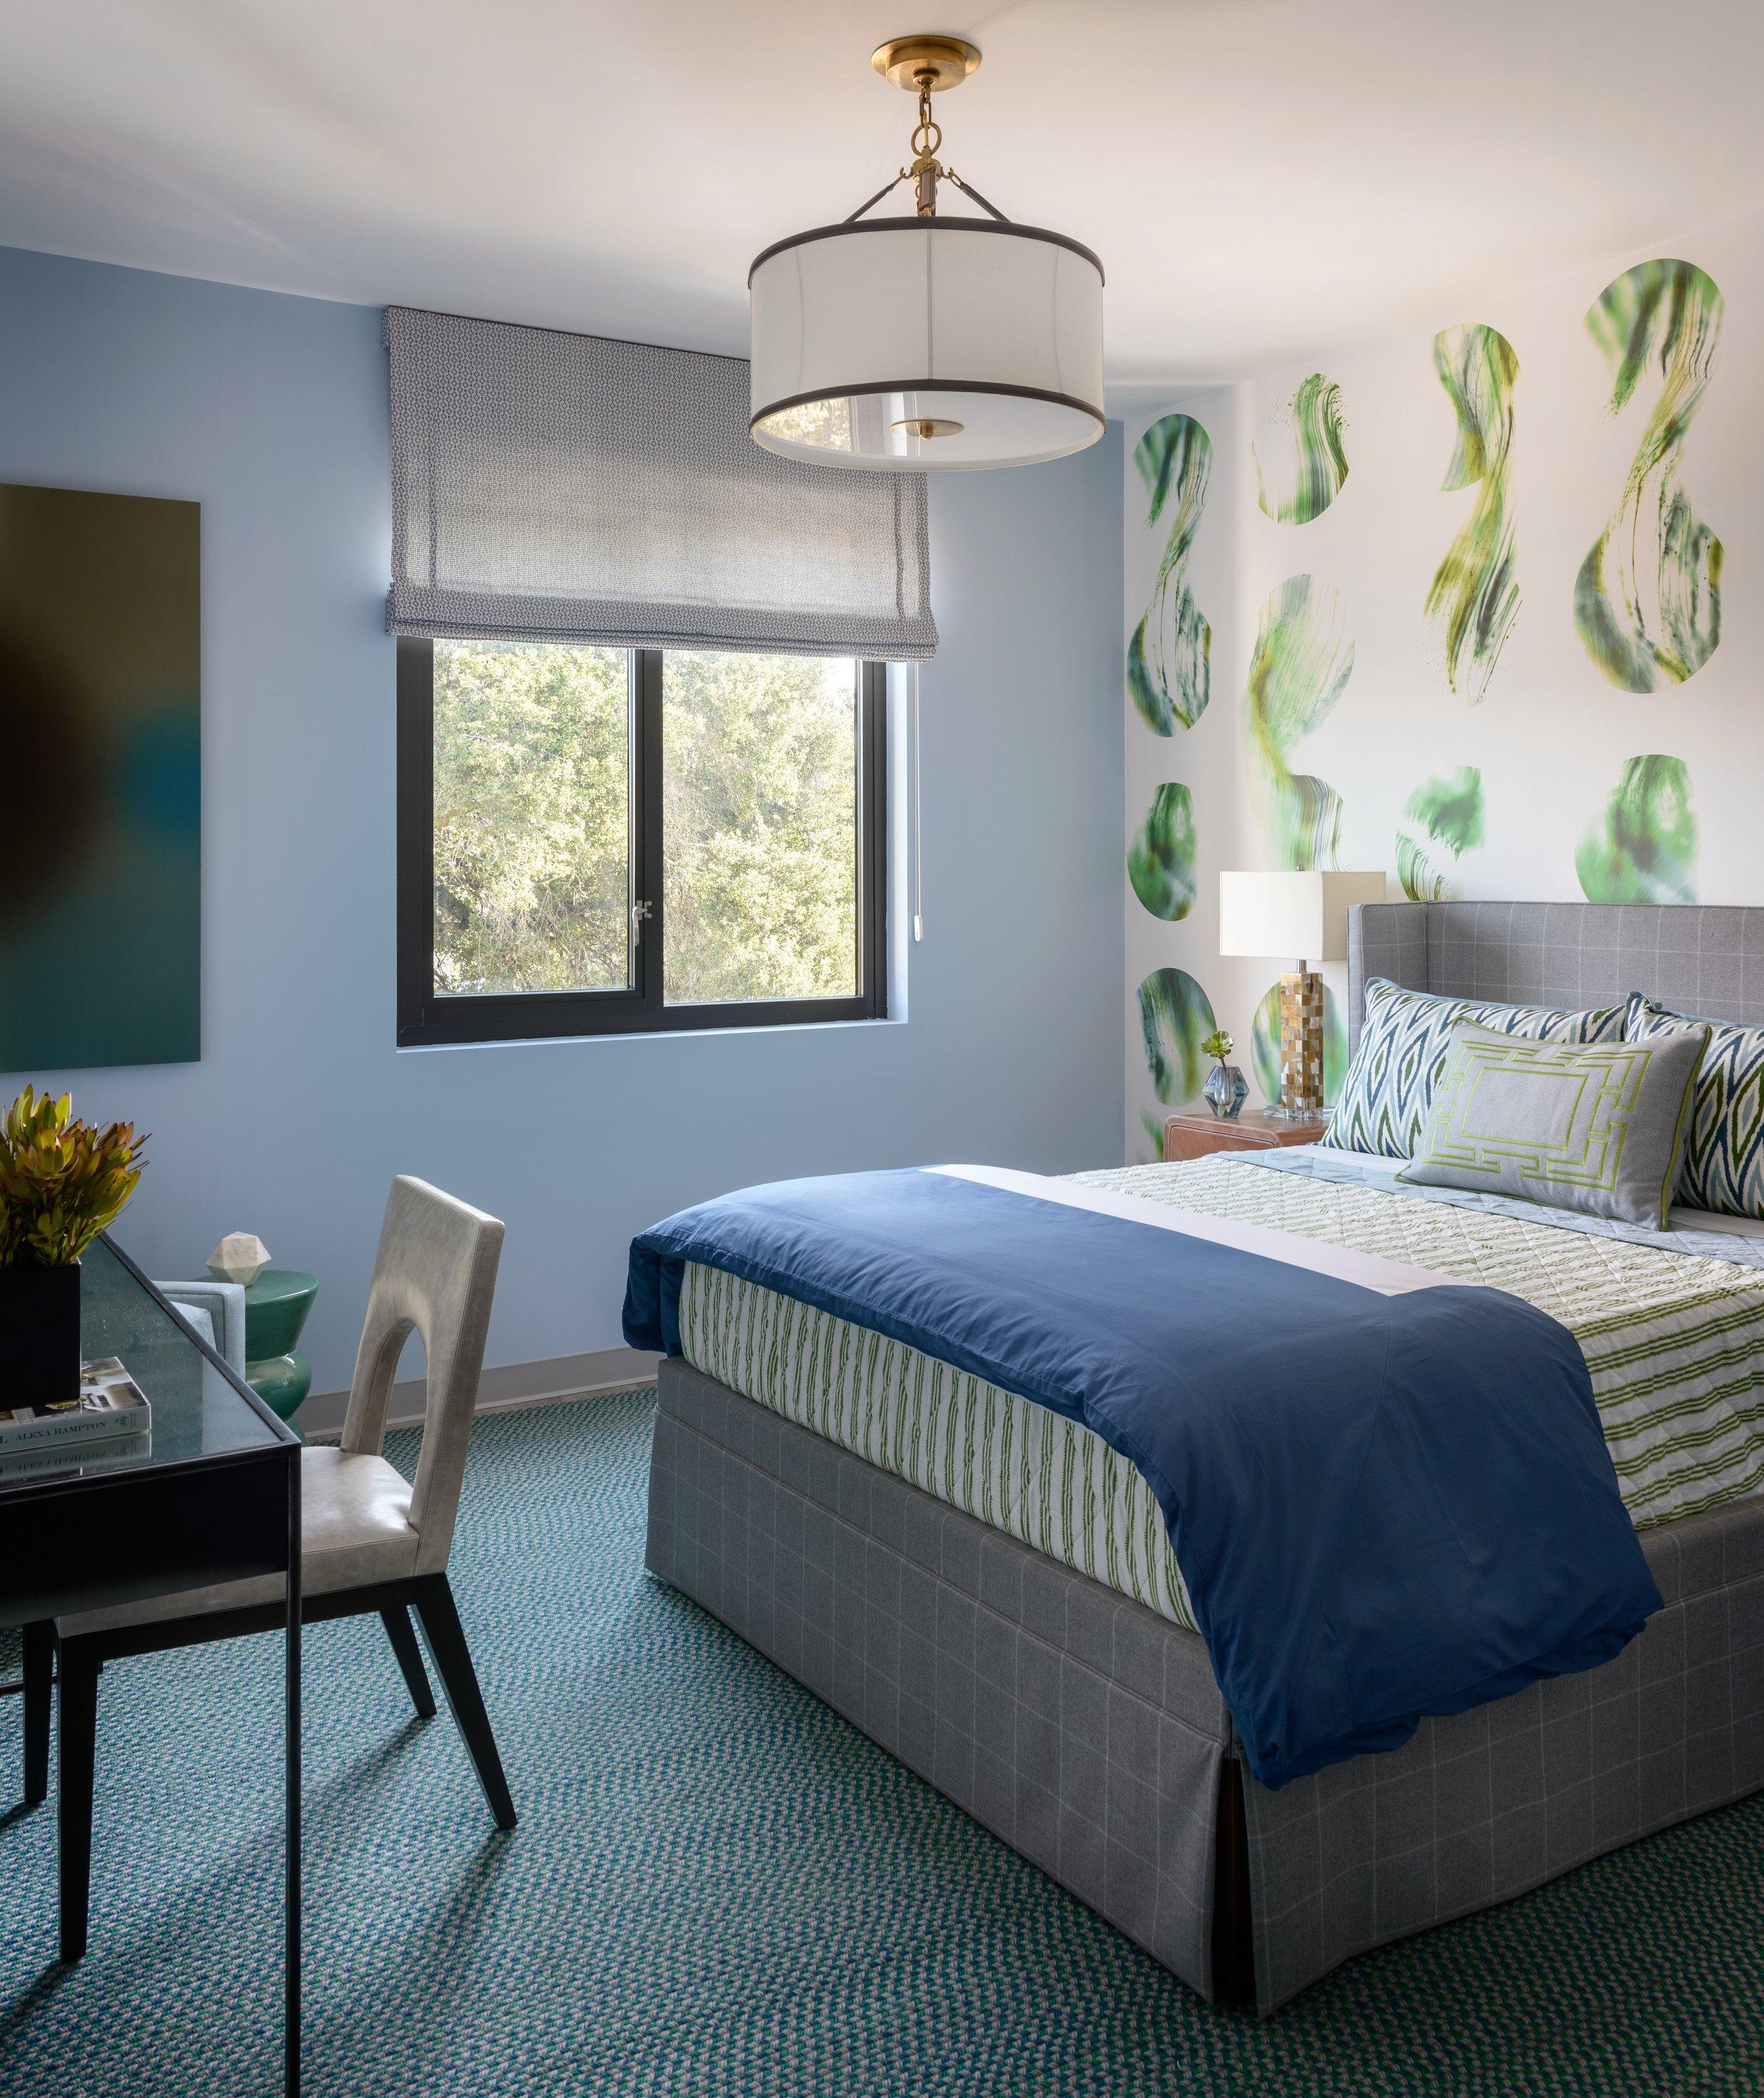 RMH Bedroom 222.jpg